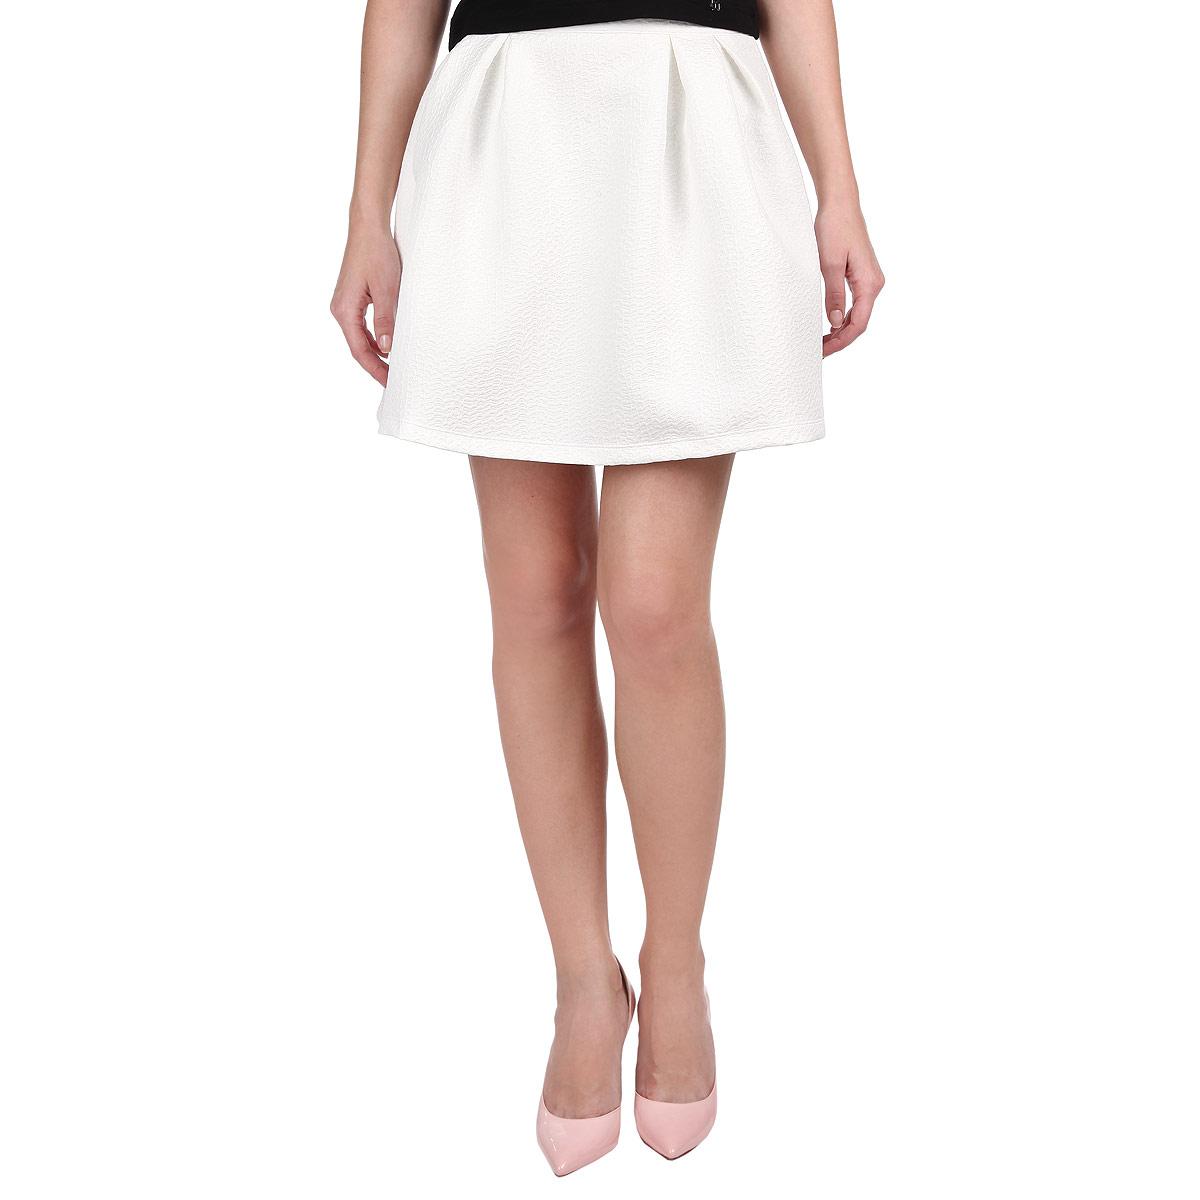 Юбка. SSD0847BISSD0847BIПрелестная юбка-колокольчик от Top Secret внесет женственные нотки в ваш модный образ. Модель выполнена из полиэстера с небольшим добавлением эластана и оформлена рельефным узором. Юбка застегивается на металлическую застежку-молнию, расположенную на тыльной стороне. Невероятно мягкая подкладка обеспечивает максимальный комфорт. Расширяющийся низ юбки подчеркнет красоту и стройность ваших ног, сделает ваш образ более хрупким. Стильная юбка - основа гардероба настоящей леди. Она подчеркнет ваше отменное чувство стиля и безупречный вкус!